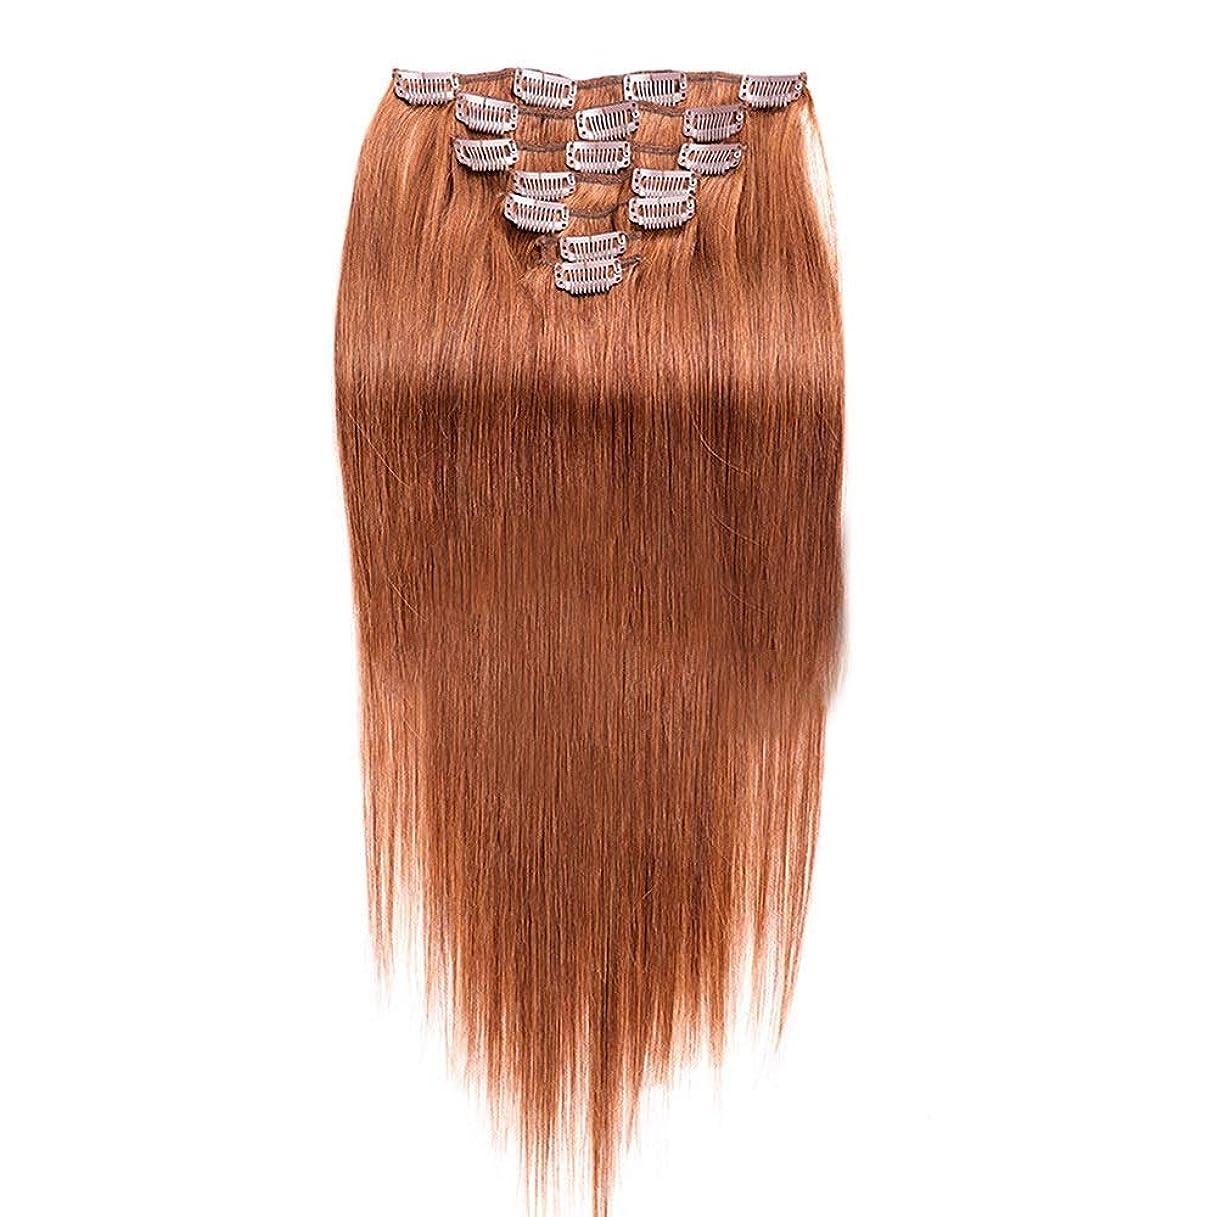 合理的粗いクラシカルHOHYLLYA 人間の髪の毛の拡張子でリアルクリップ - 16インチ7個 - #30茶色がかった黄色の絹のようなストレートヘアピースロールプレイングかつら女性の自然なかつら (色 : #30 Brownish yellow)